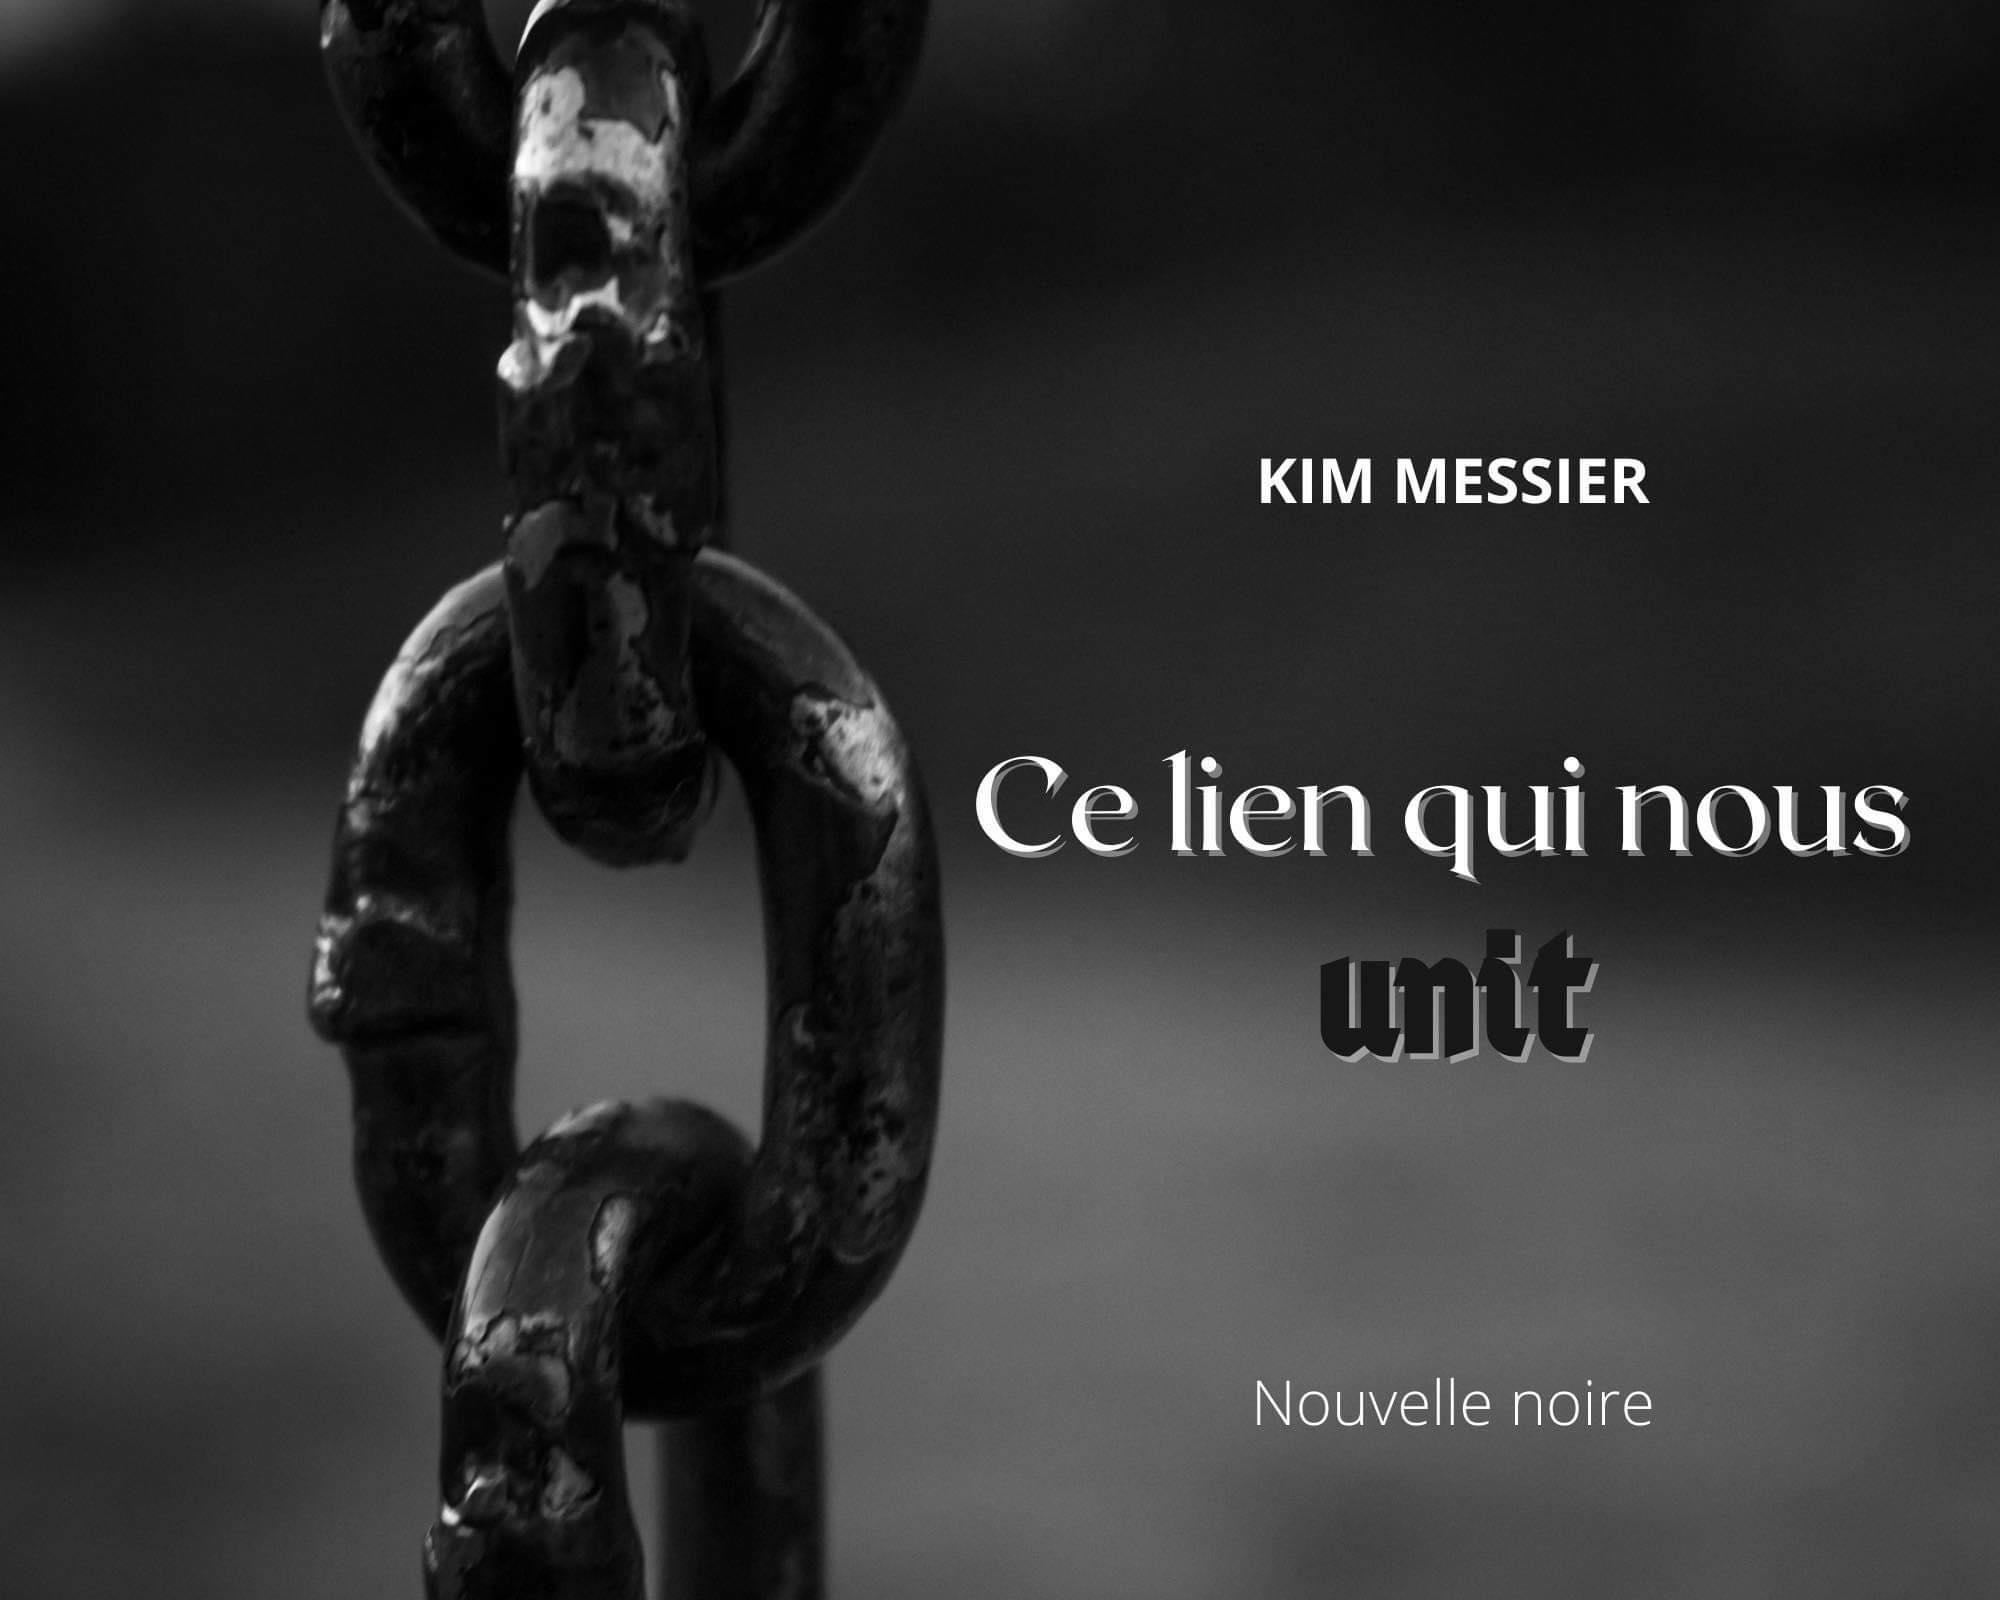 Ce lien qui nous unit, une nouvelle noire de Kim Messier